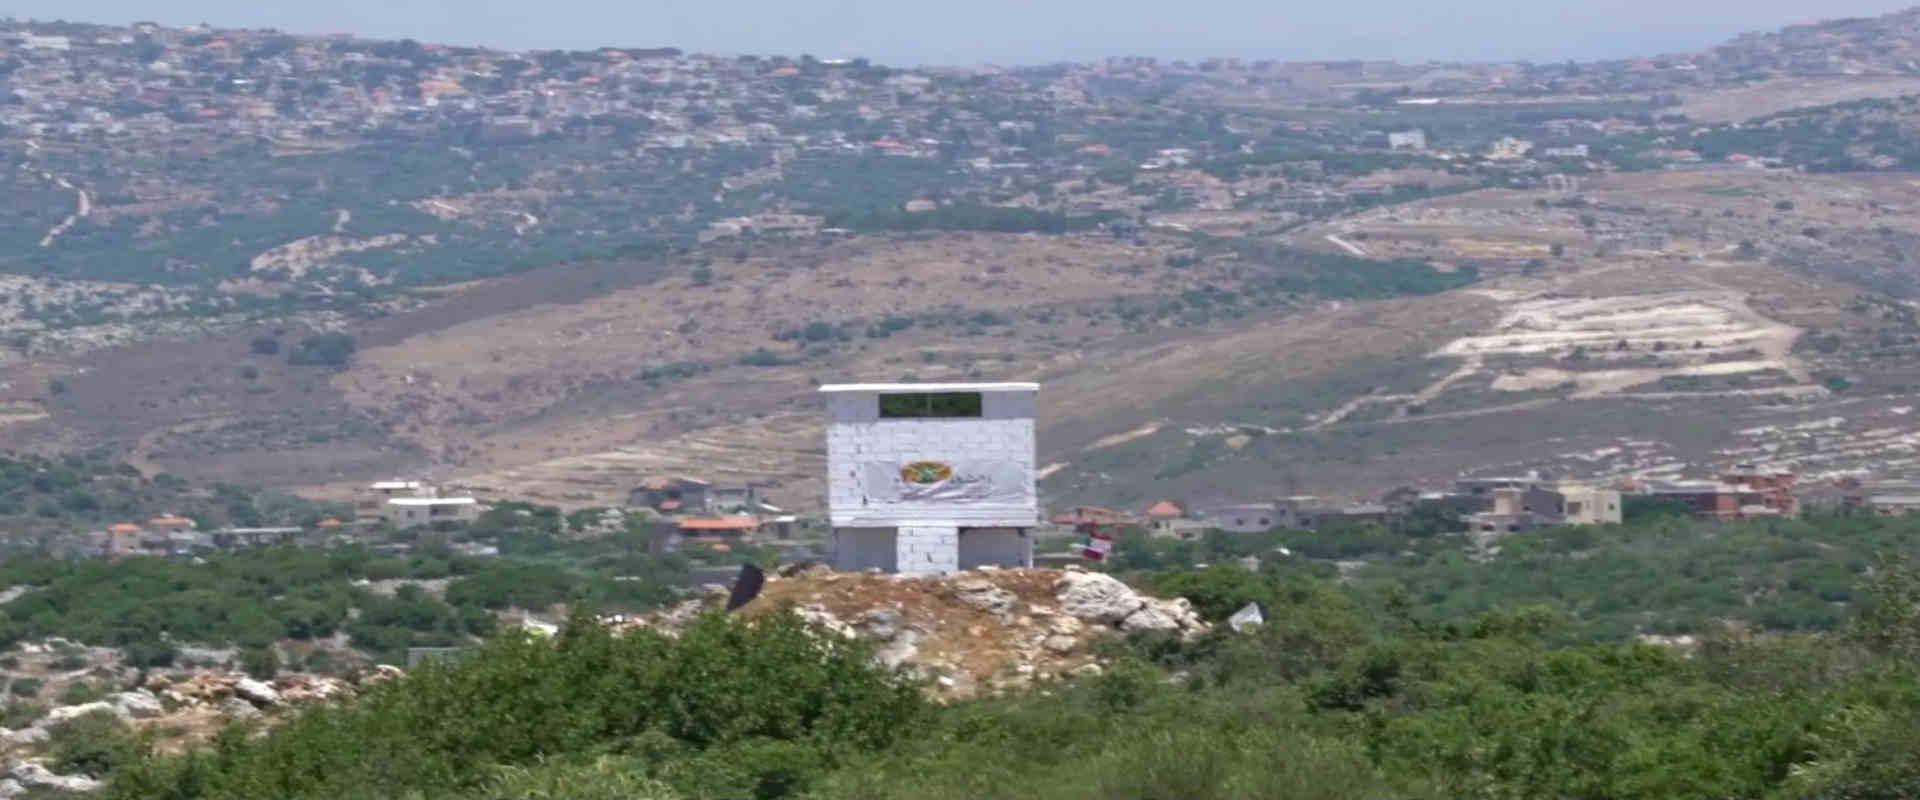 עמדה תצפית בגבול לבנון